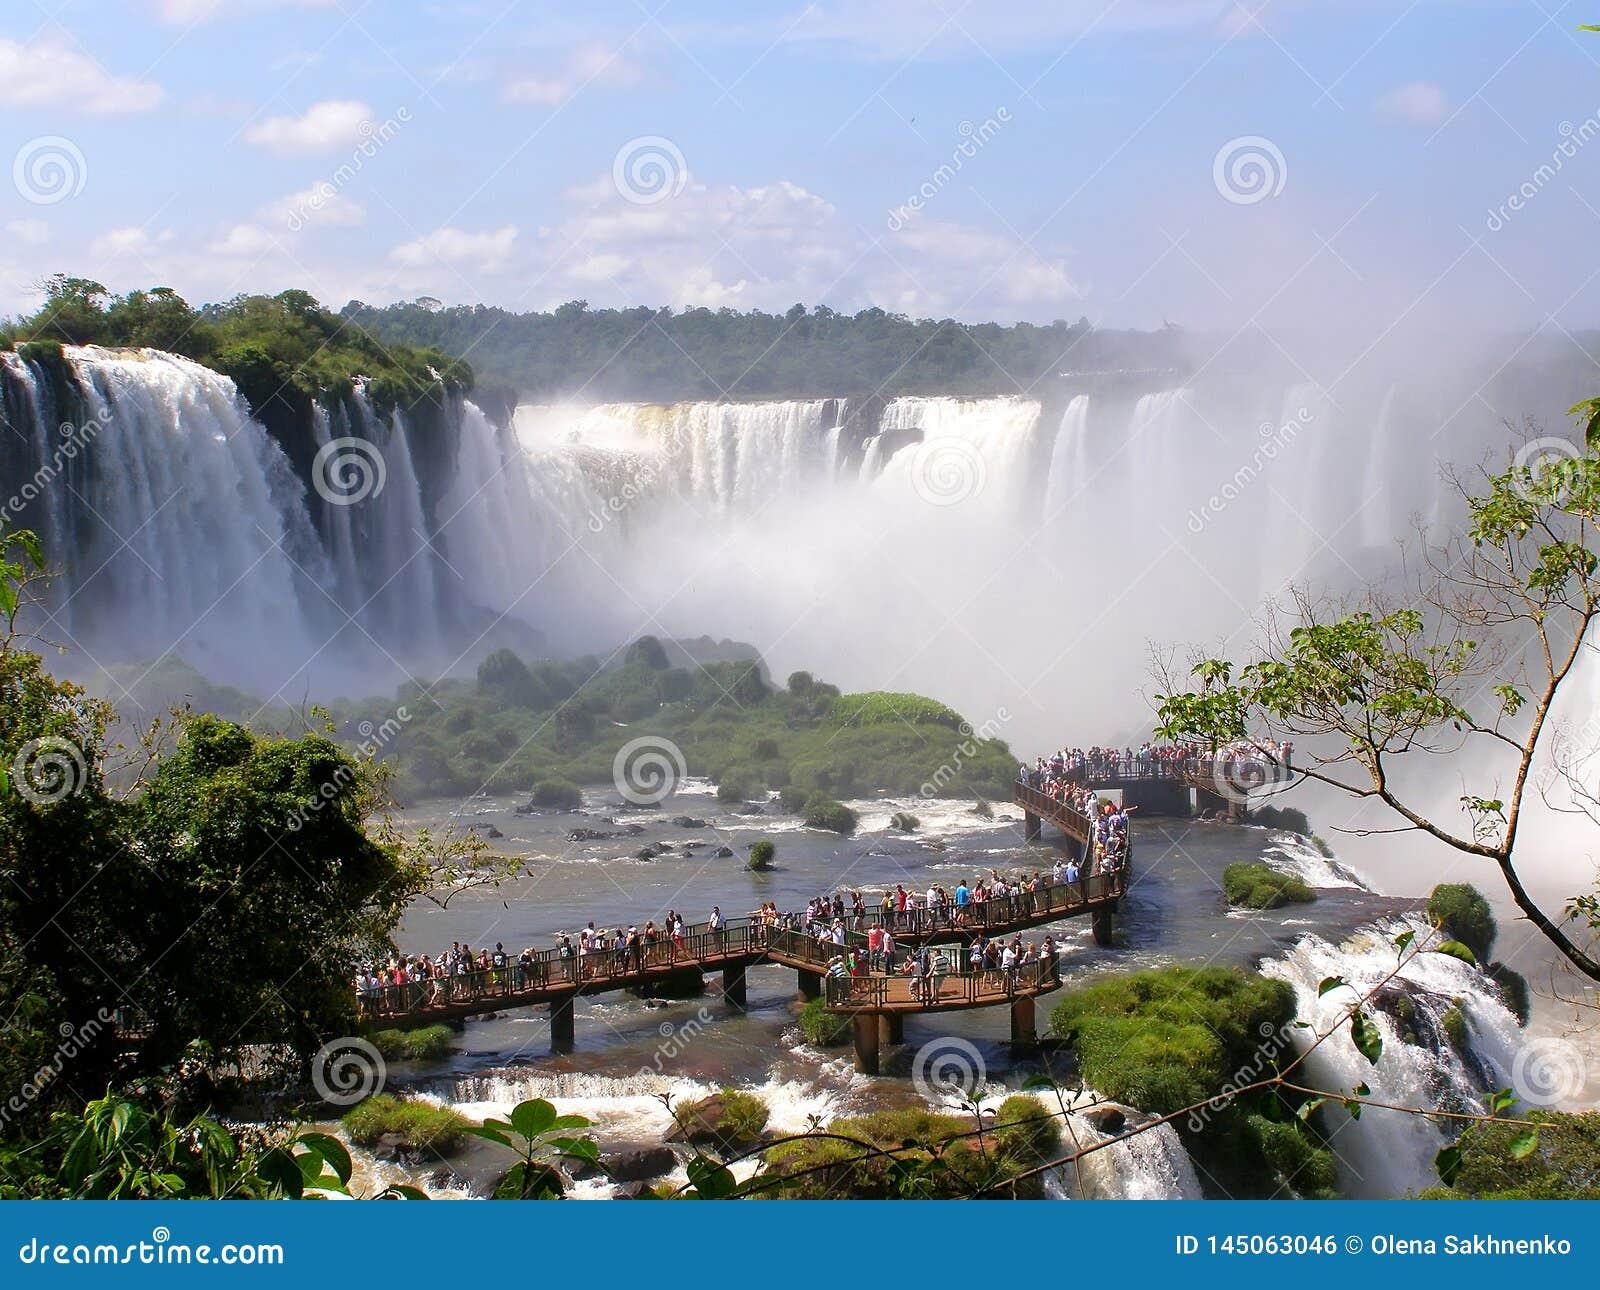 Iguazurivier, Brazilië 11 november 2016 Waterval op de Iguazu-Rivier op de grens van Argentinië en Brazilië